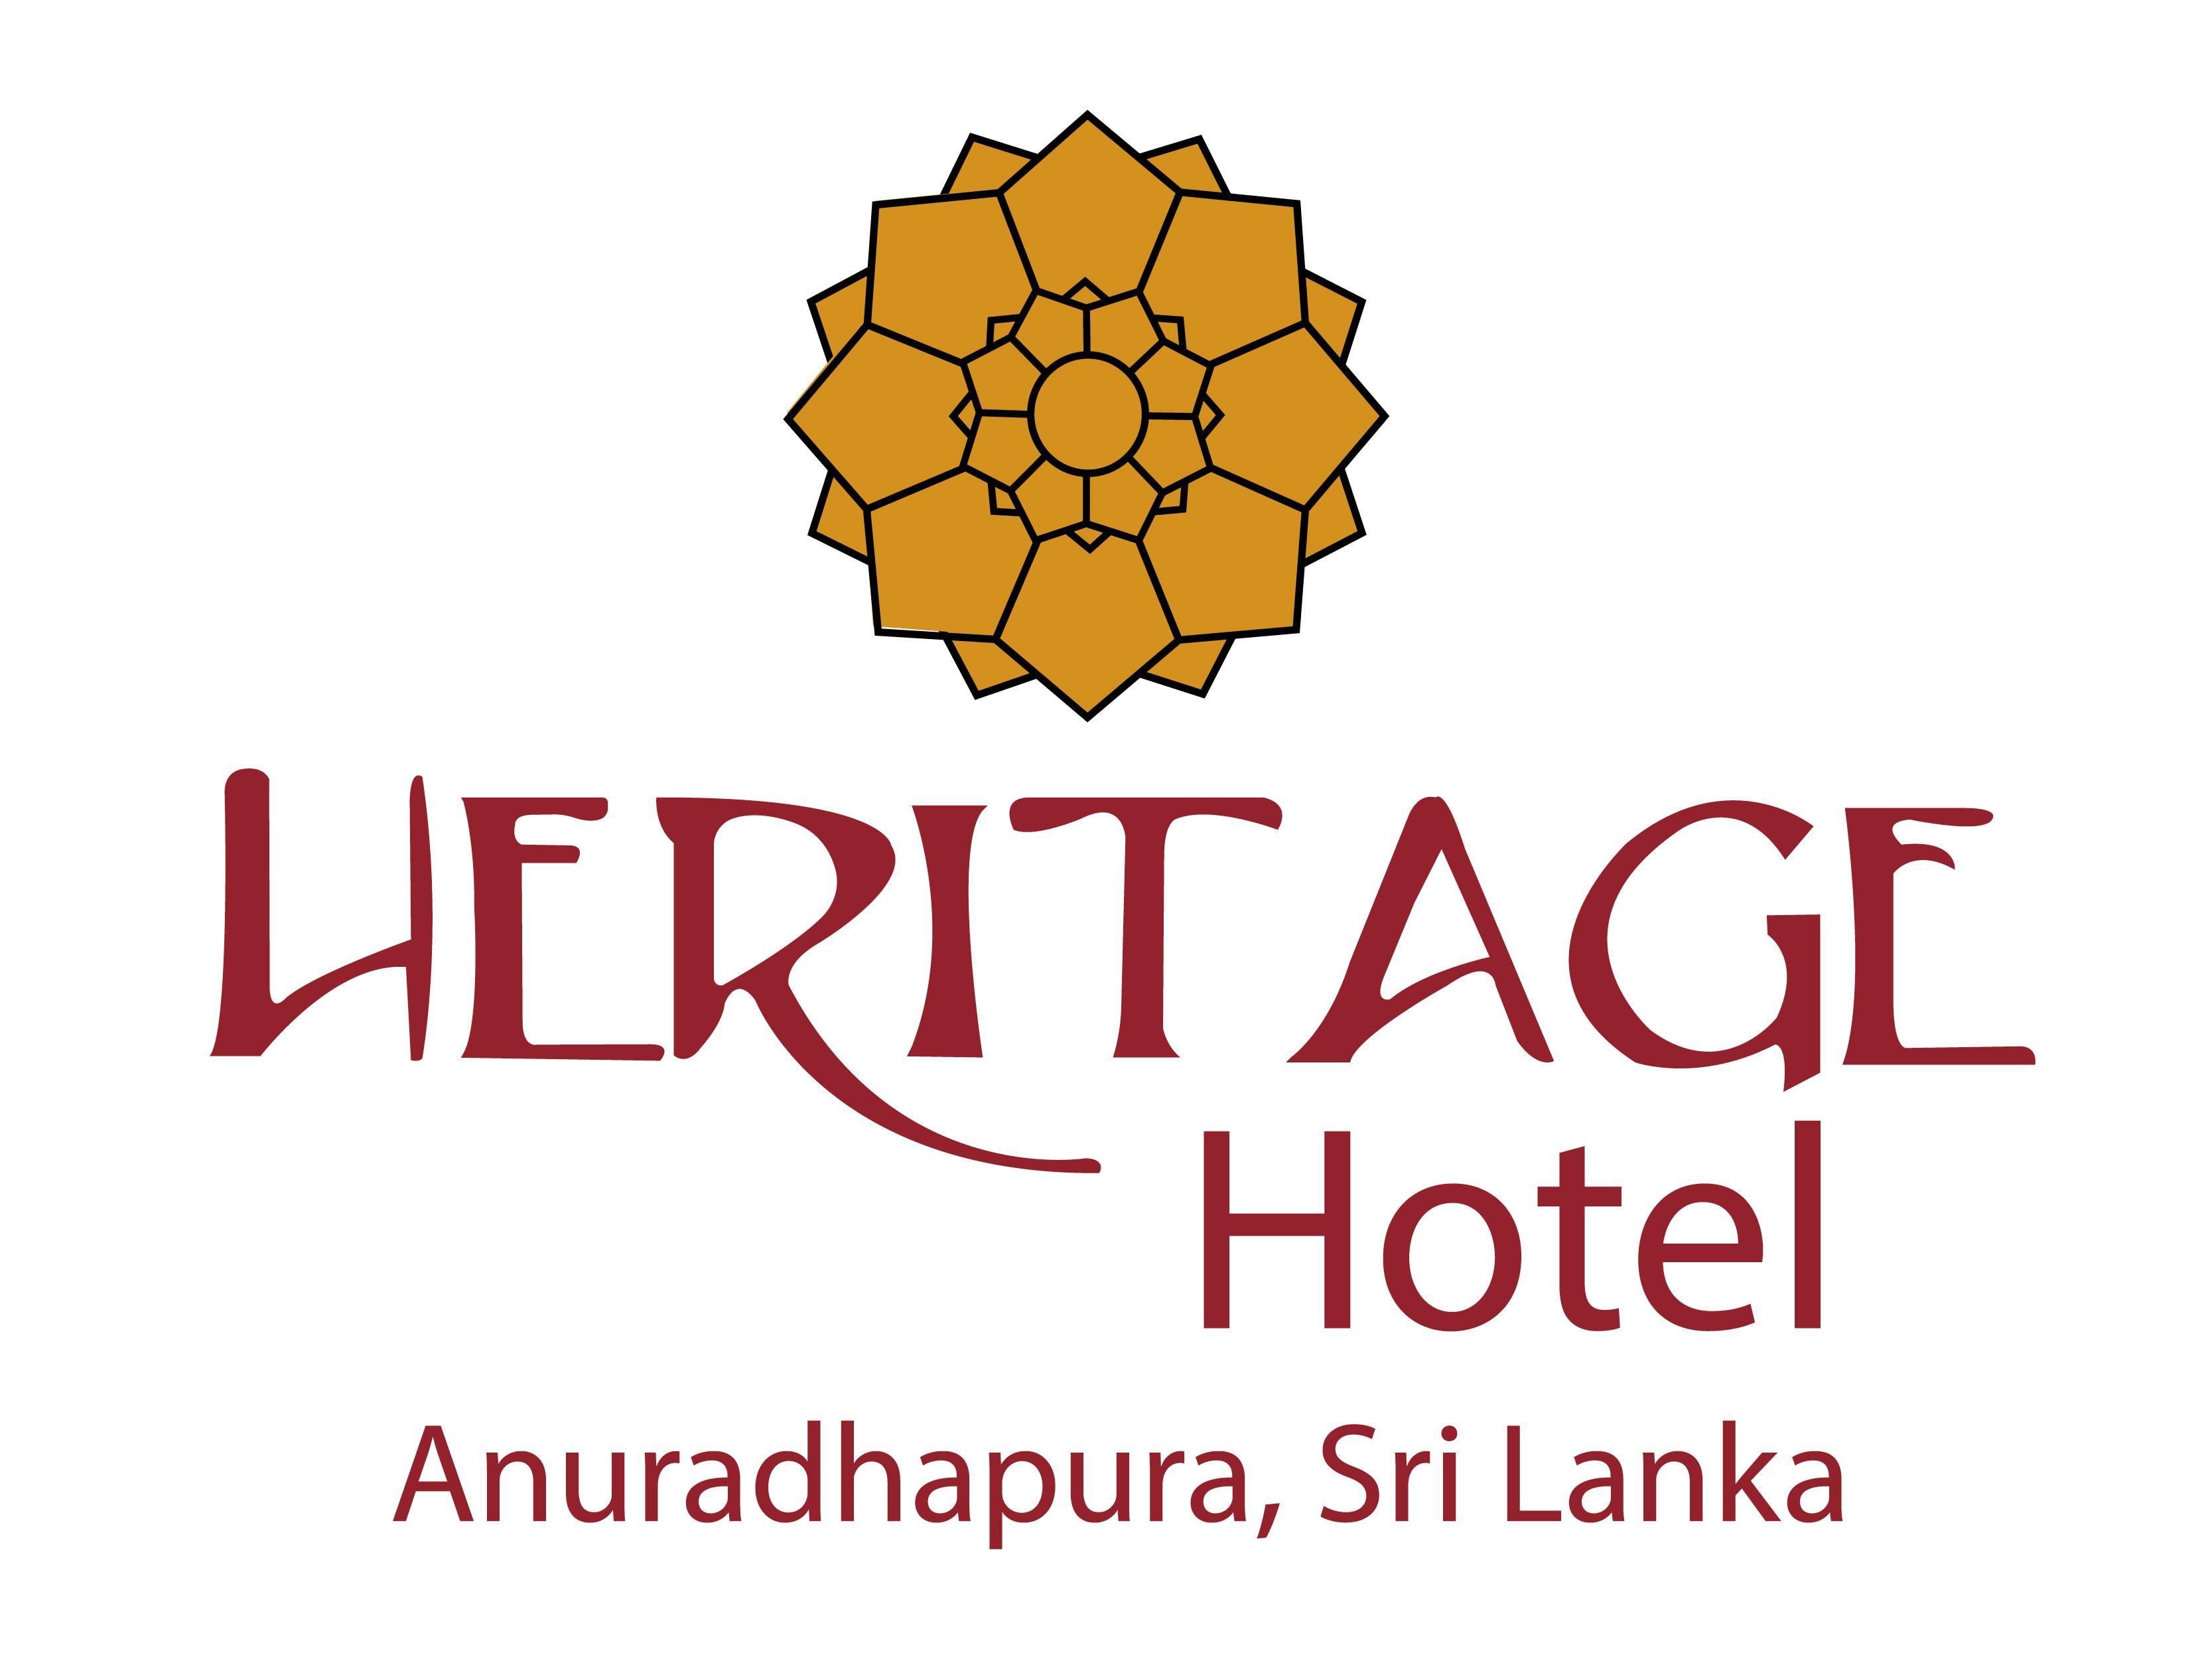 Heritage Anuradhapura